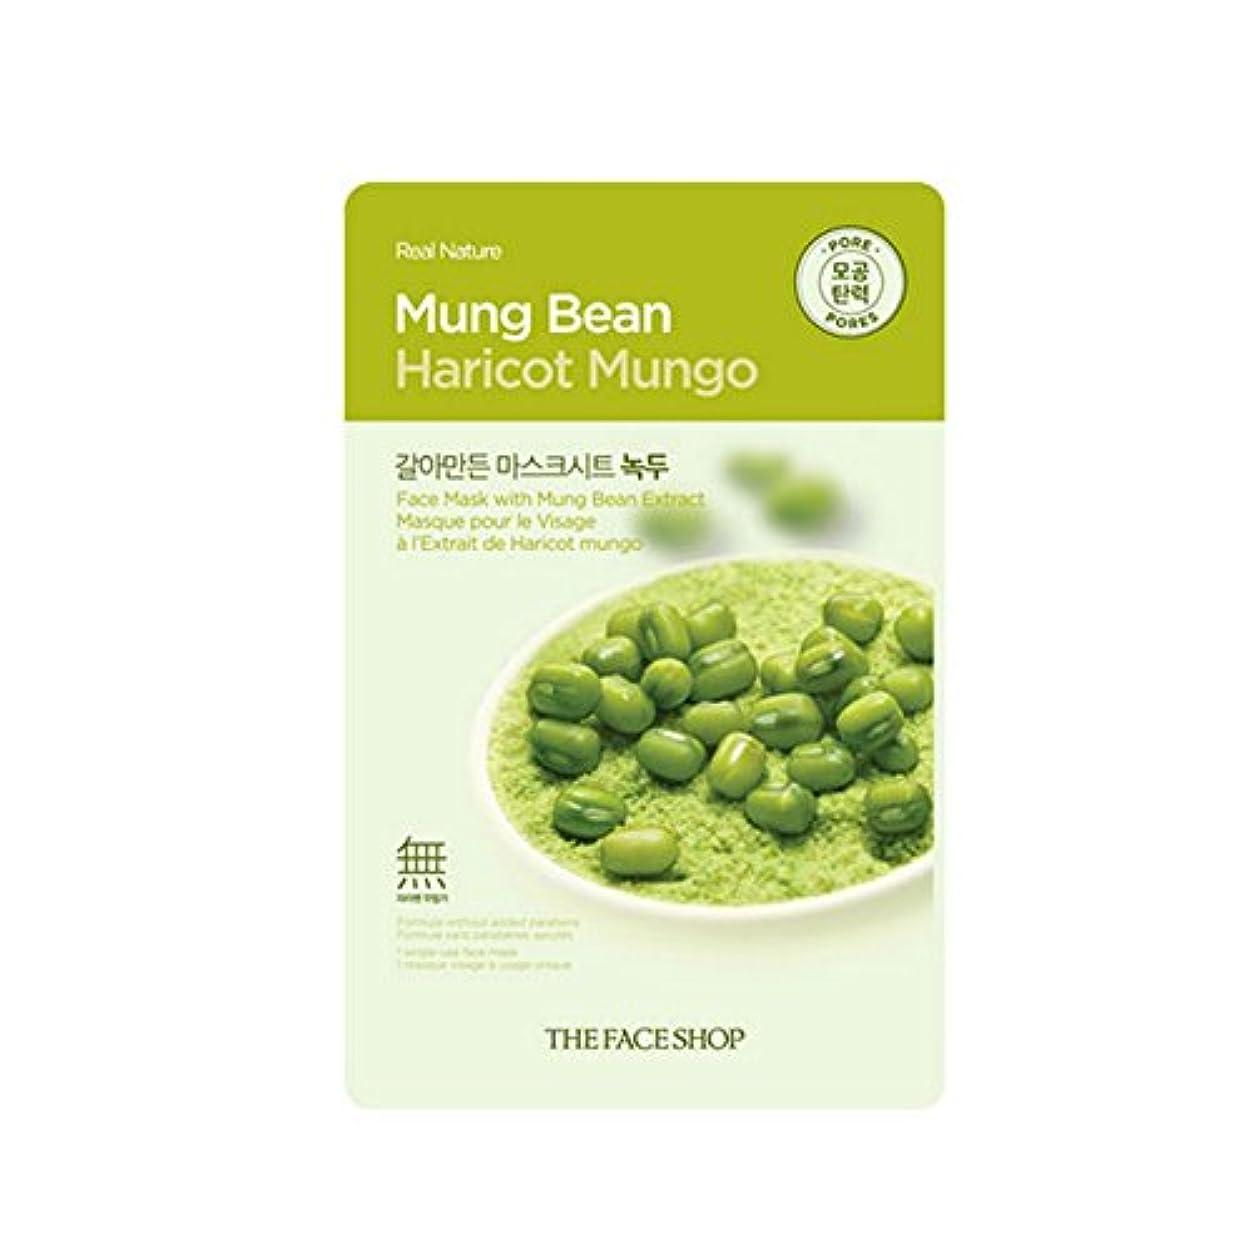 振り子登録するカウンターパート[The Face Shop] ザフェイスショップ リアルネイチャーマスクシート Real Nature Mask Sheet (Mung Bean (緑豆) 10個) [並行輸入品]